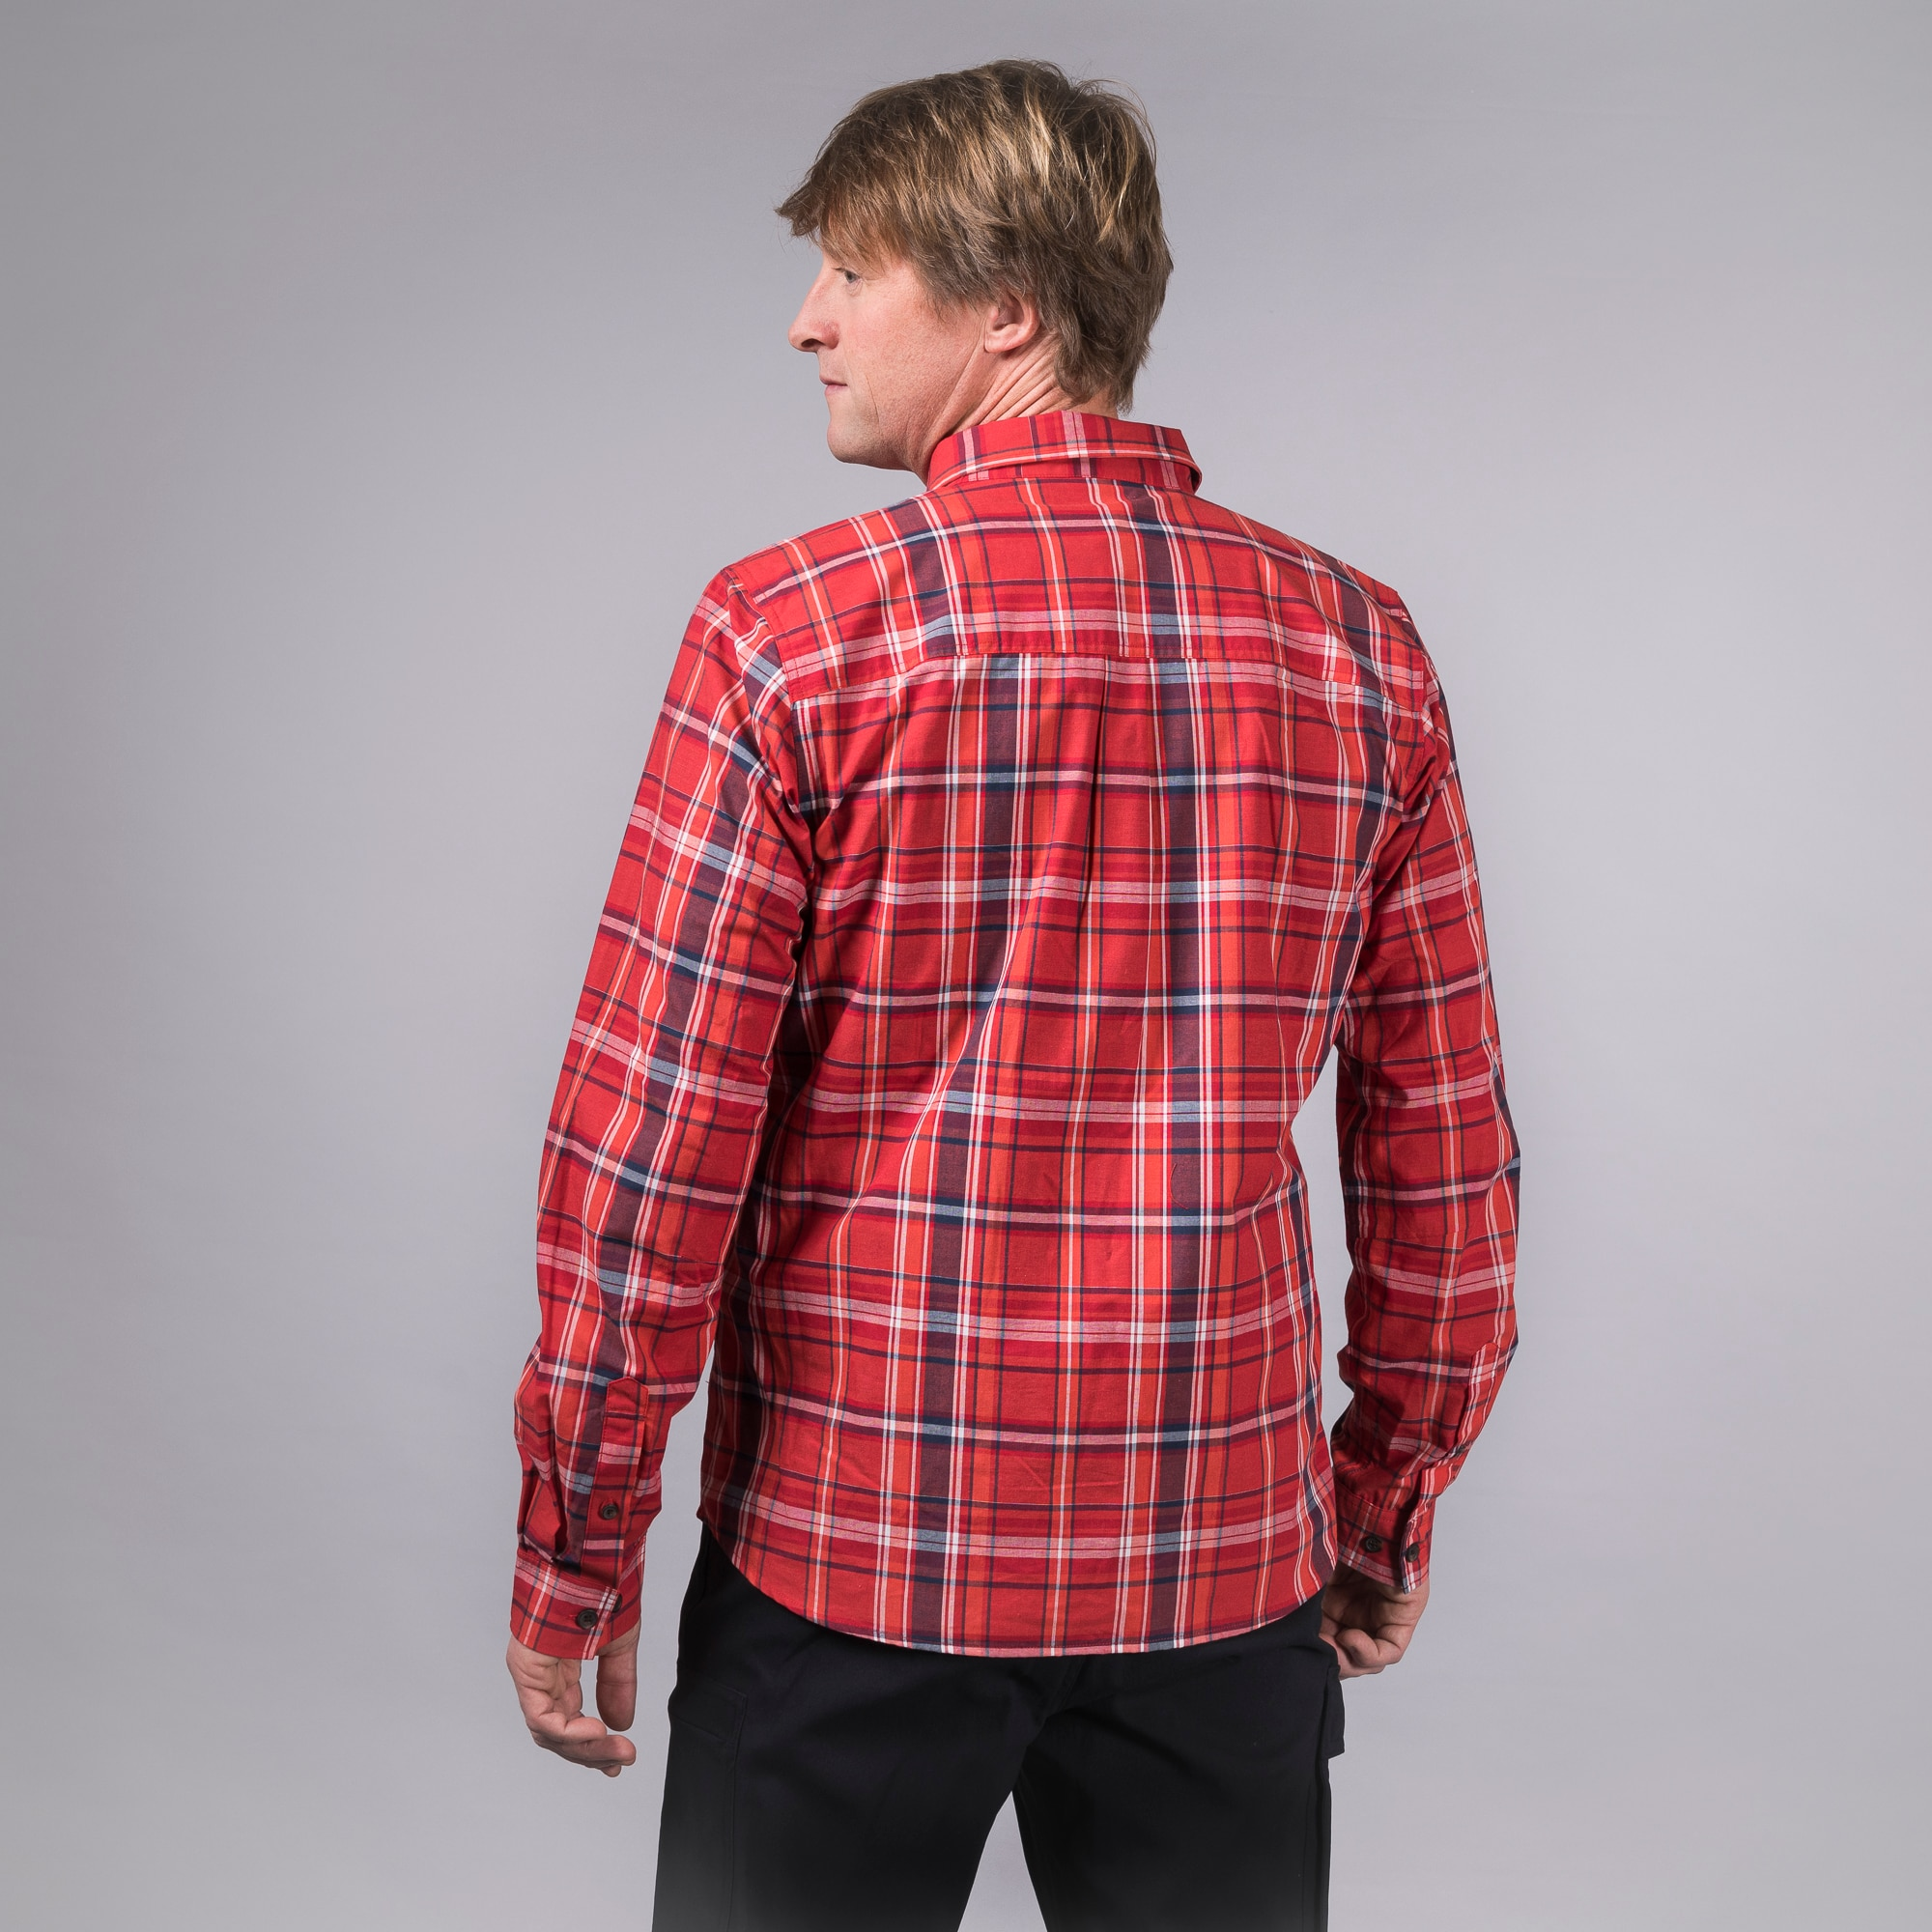 Kikut Shirt